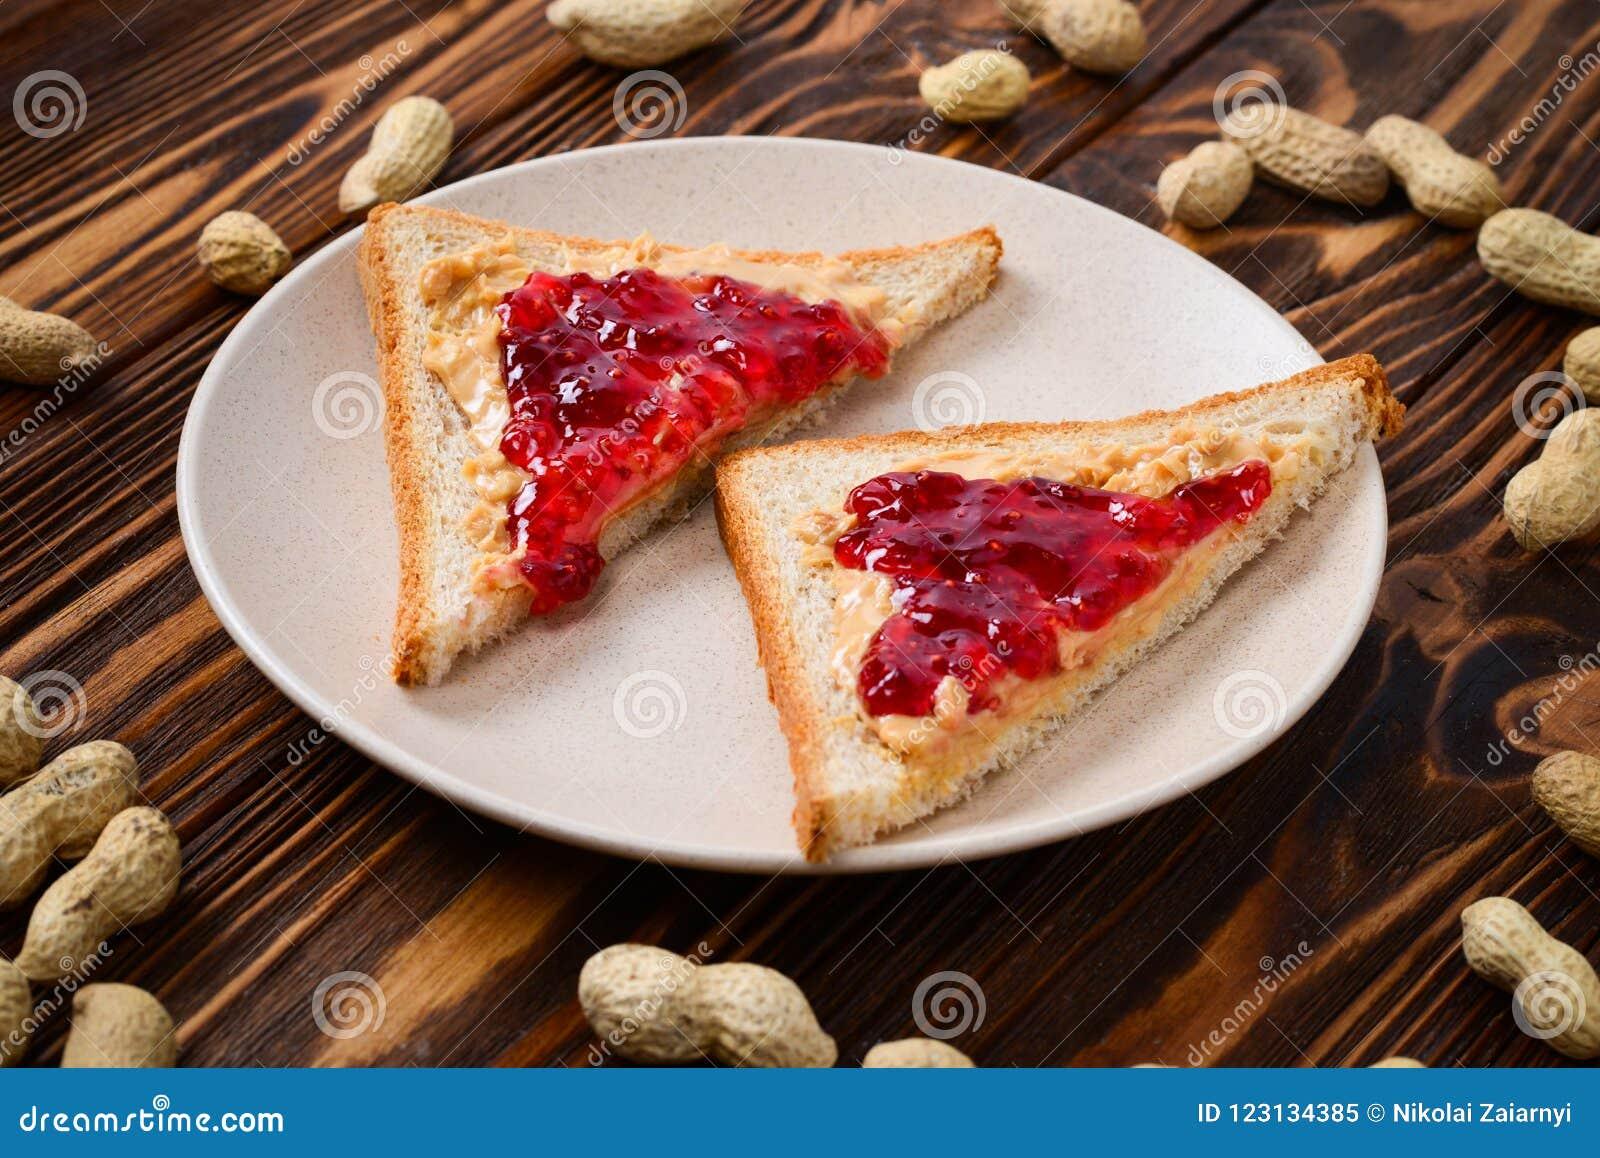 花生酱和果冻三明治在木背景